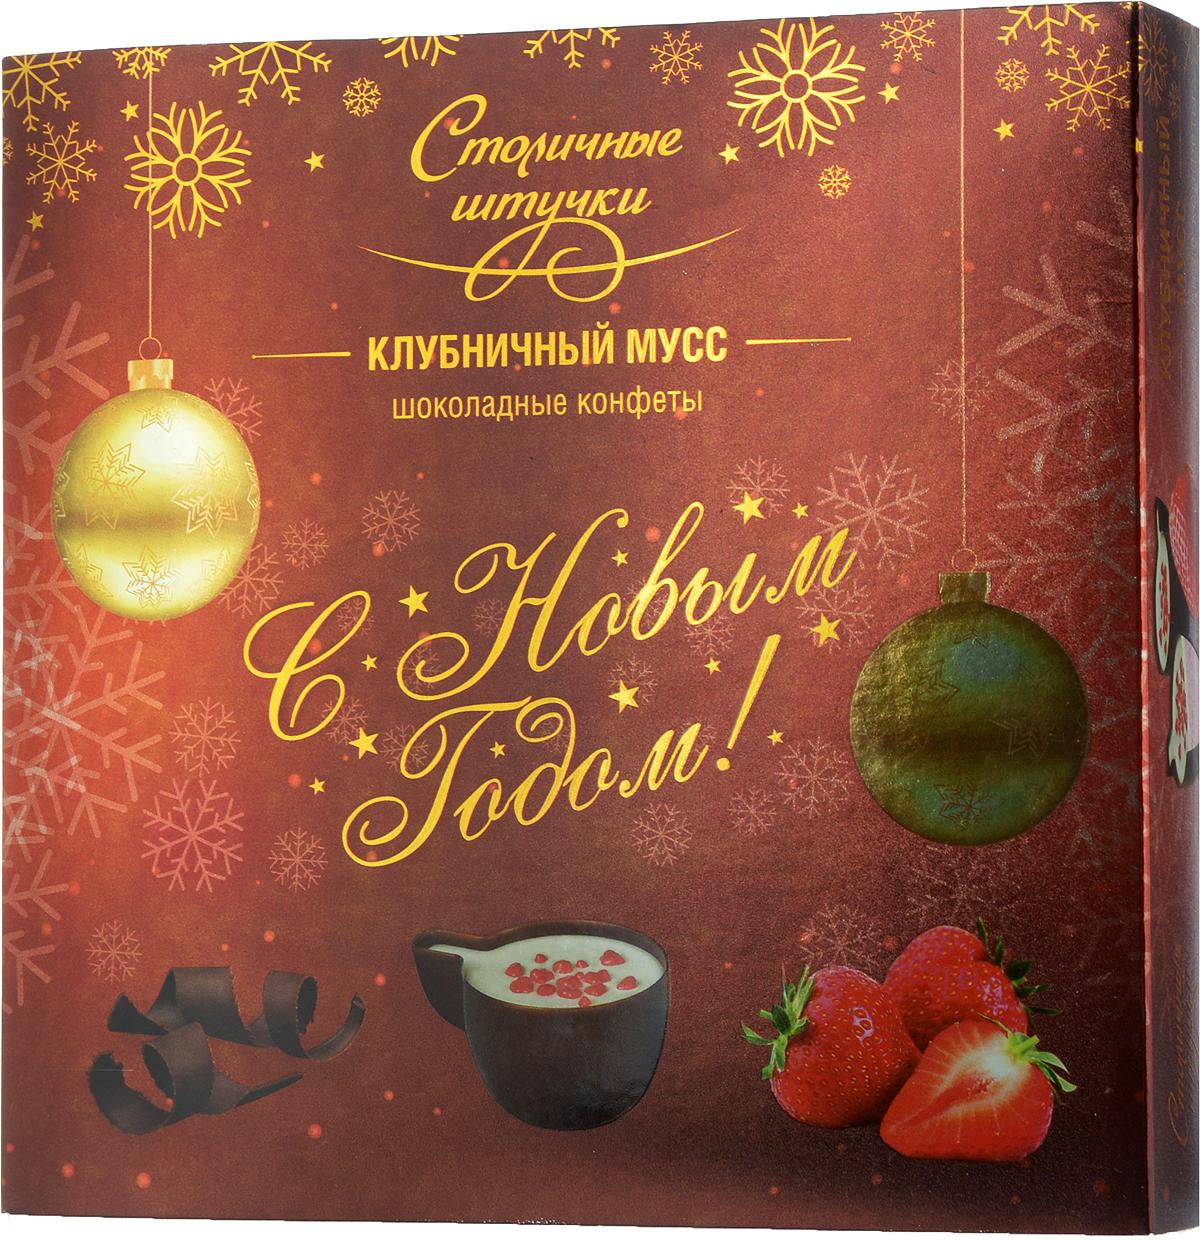 Столичные штучки Конфеты шоколадные Клубничный мусс, 104 г (коробка) конфеты jelly belly 100g